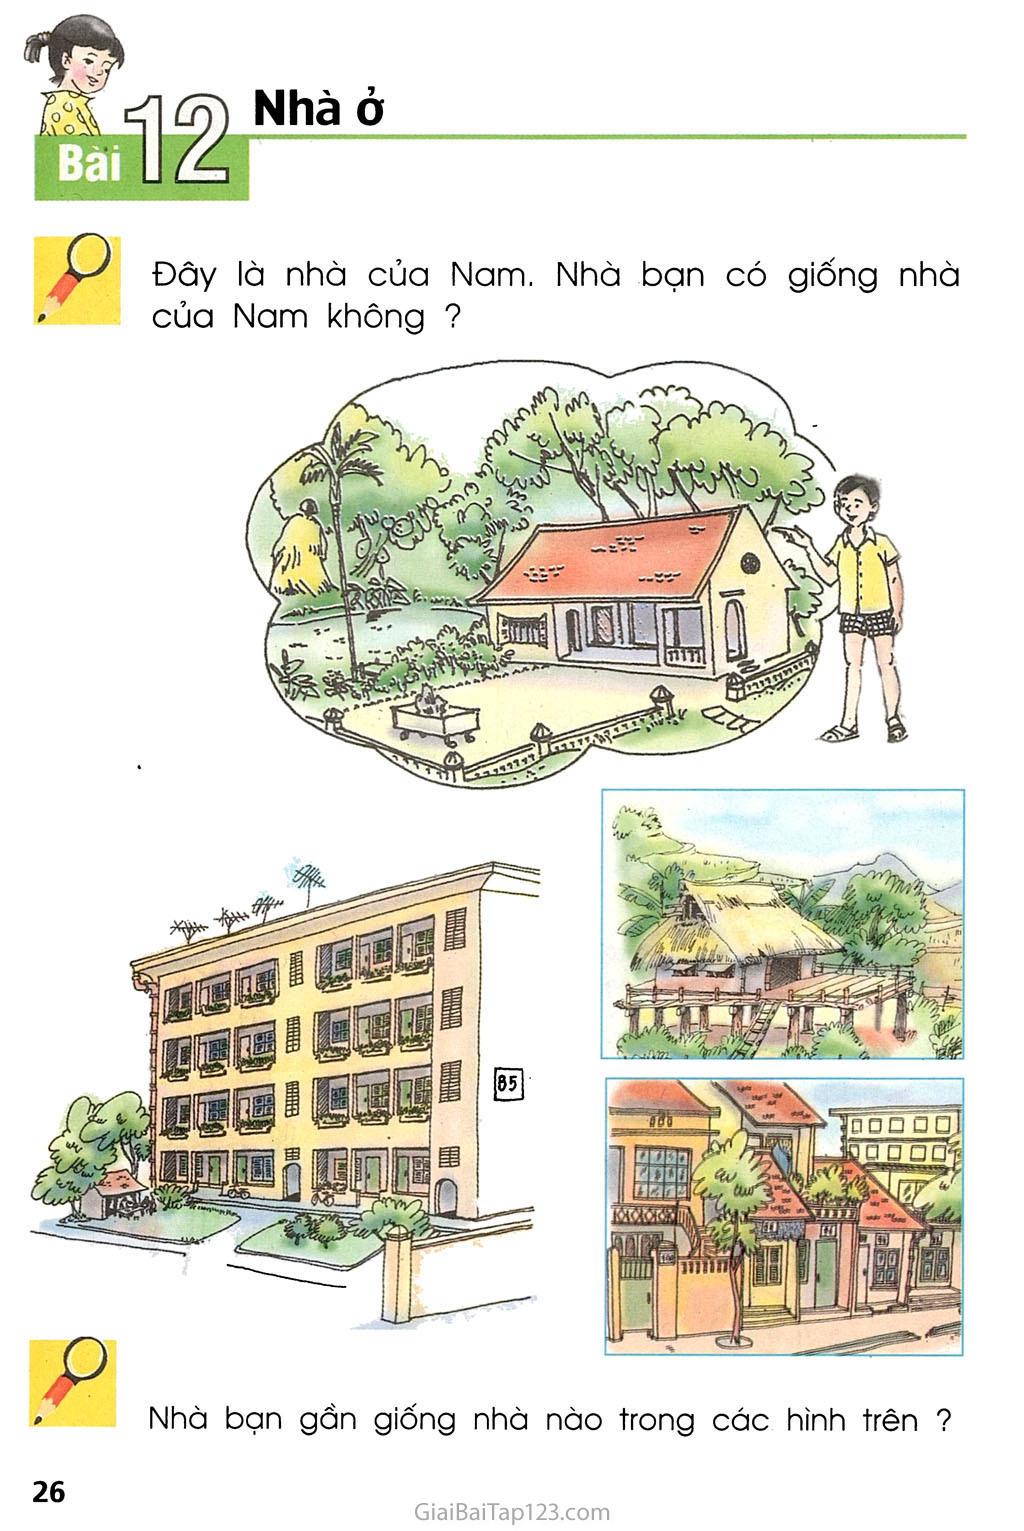 Bài 12. Nhà ở trang 1